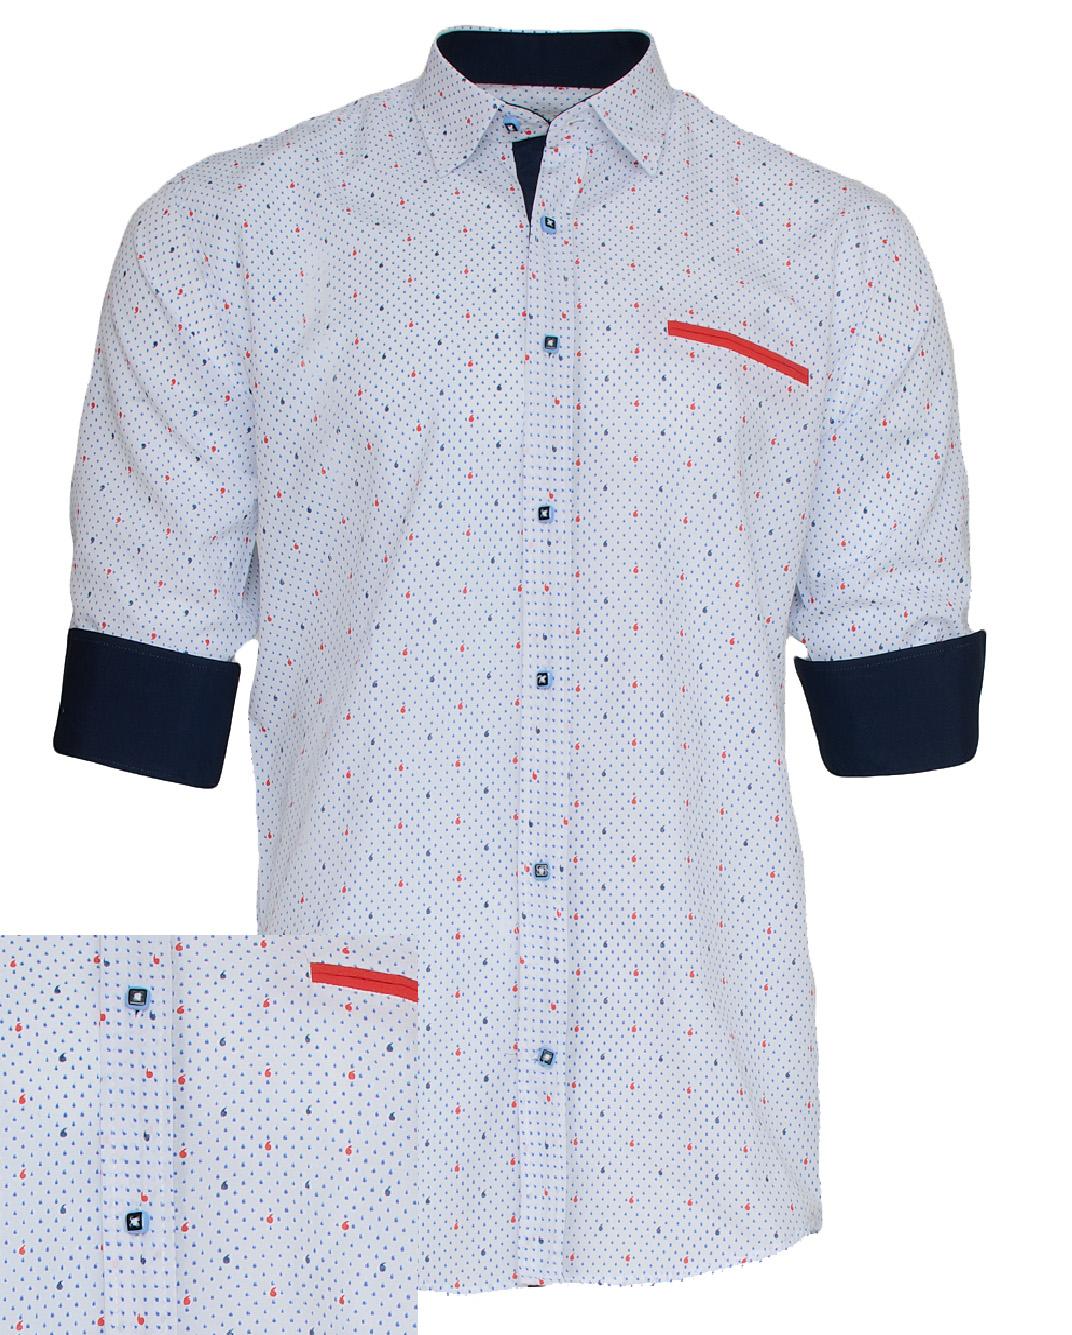 Ανδρικό Πουκάμισο So Fashion Red Line-Άσπρο αρχική ανδρικά ρούχα πουκάμισα